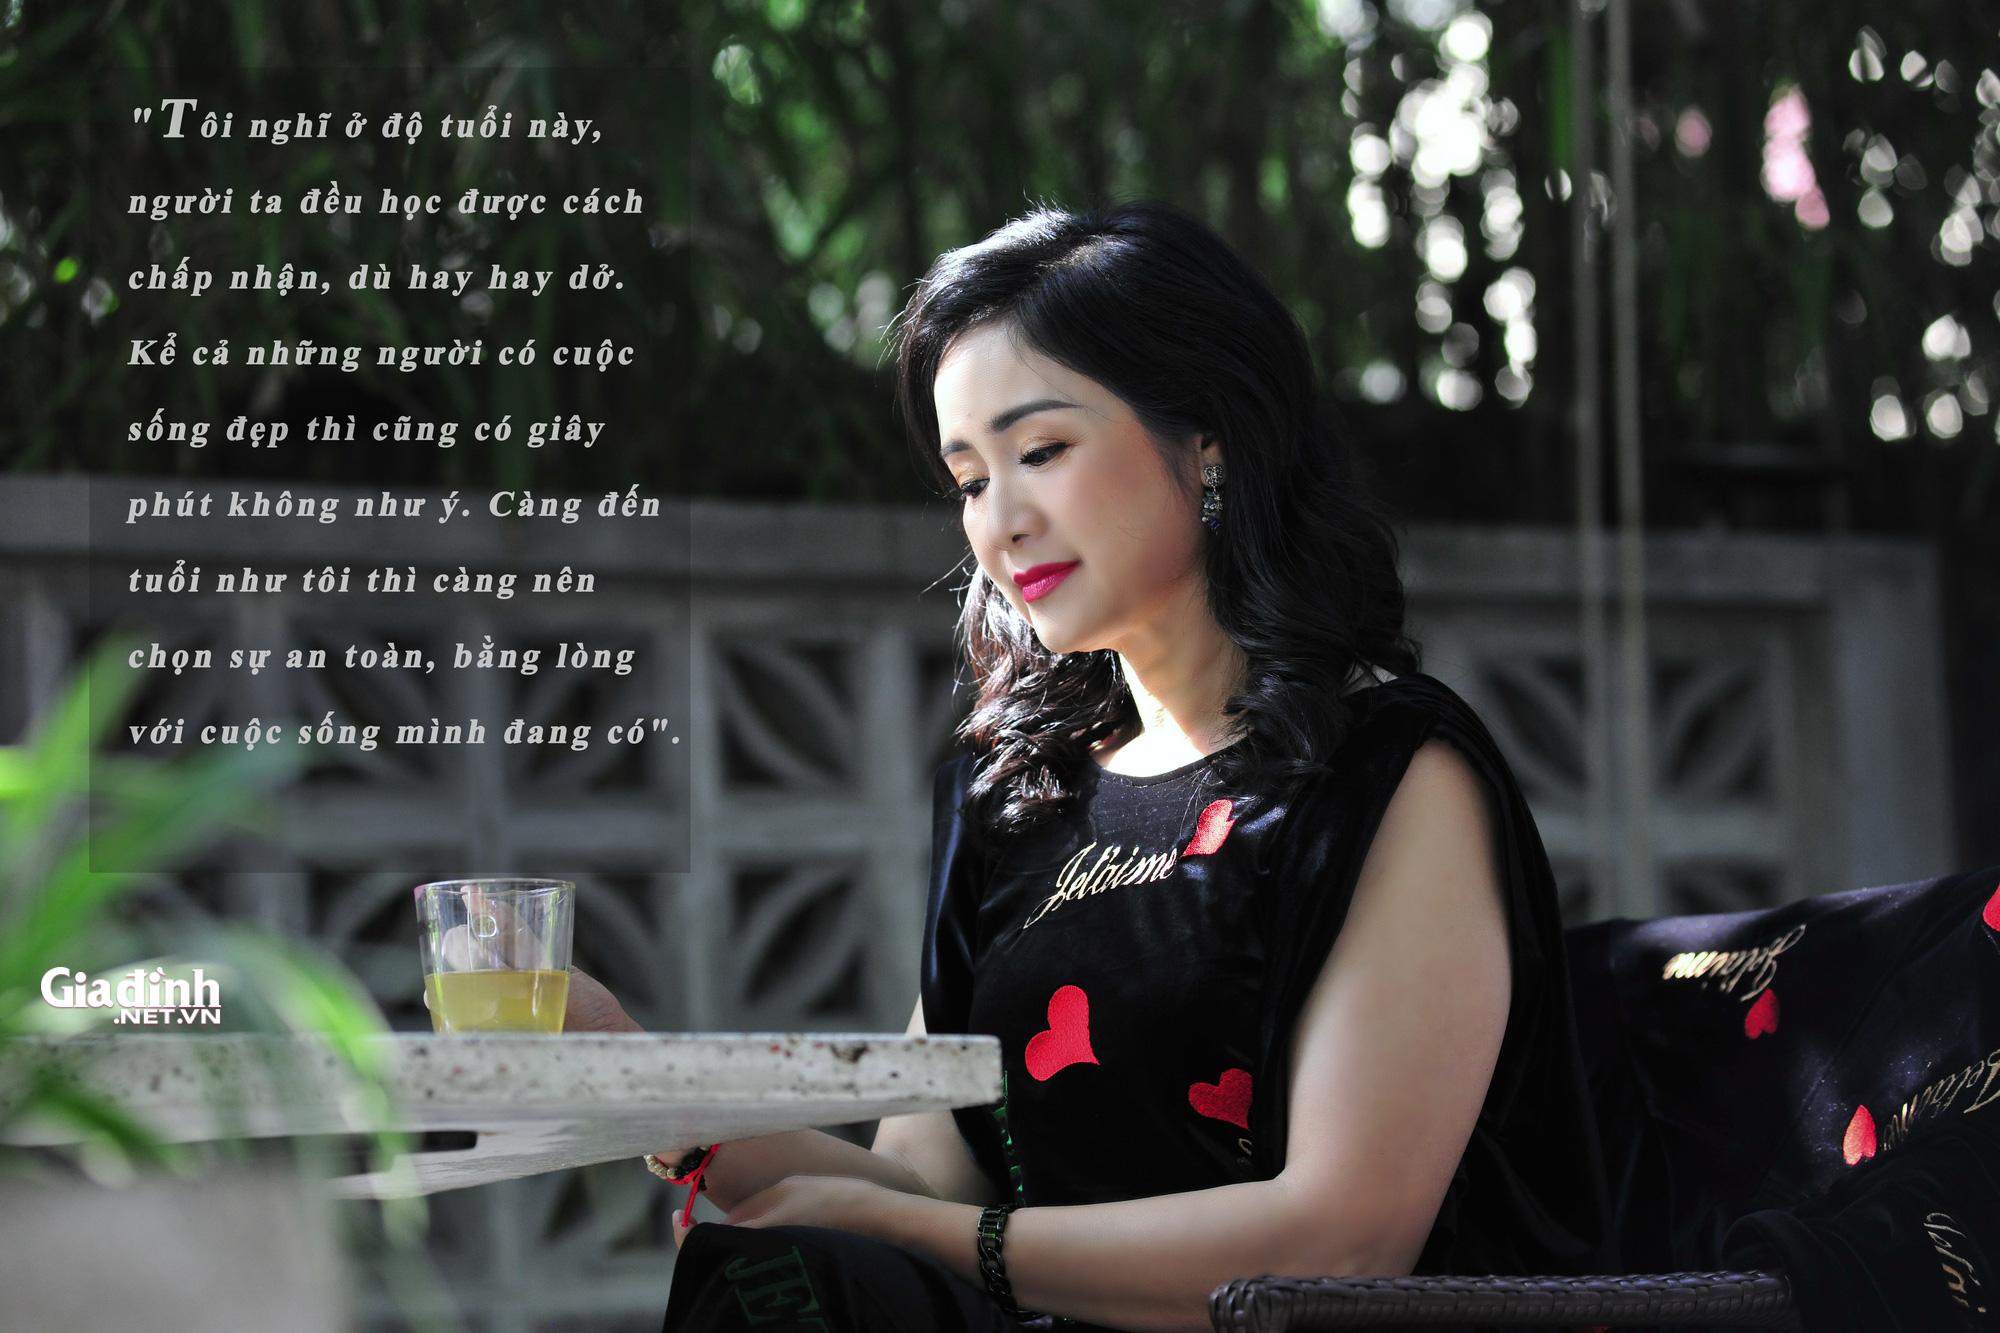 NSND Thu Hà lần đầu hé lộ về mối quan hệ với đạo diễn Trần Lực - Ảnh 7.